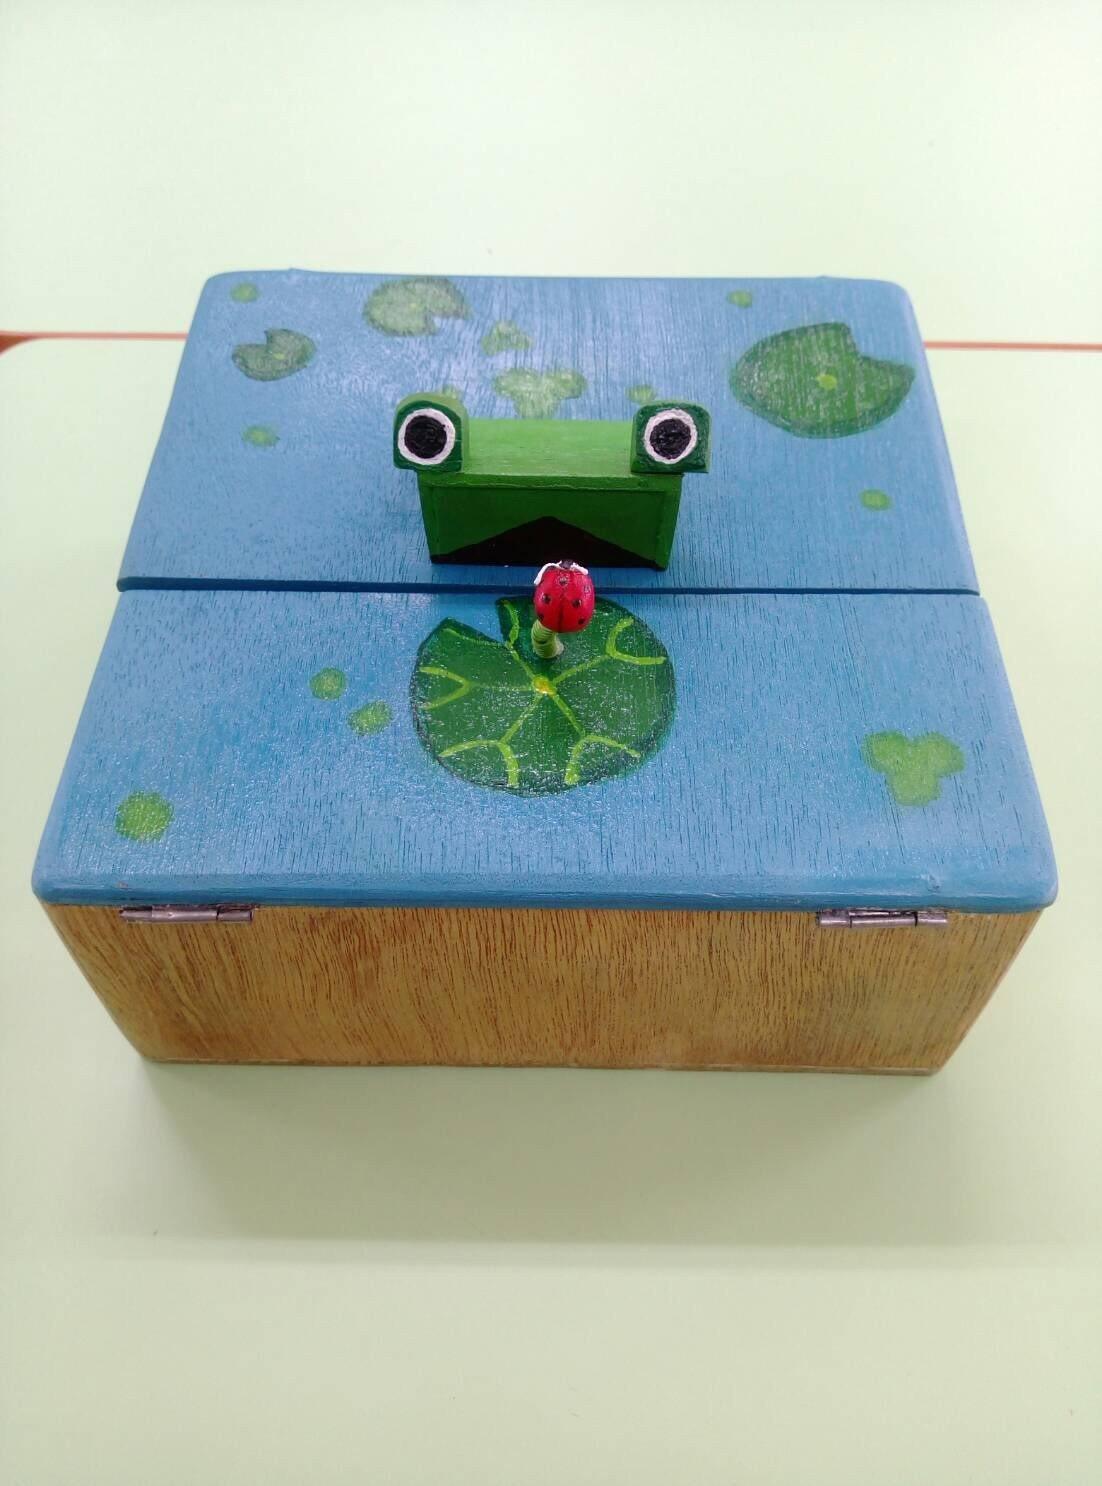 桃園市經國國中七年級生劉定宸,結合動力學和木質工藝創作「青蛙造型打發時間小盒」作...